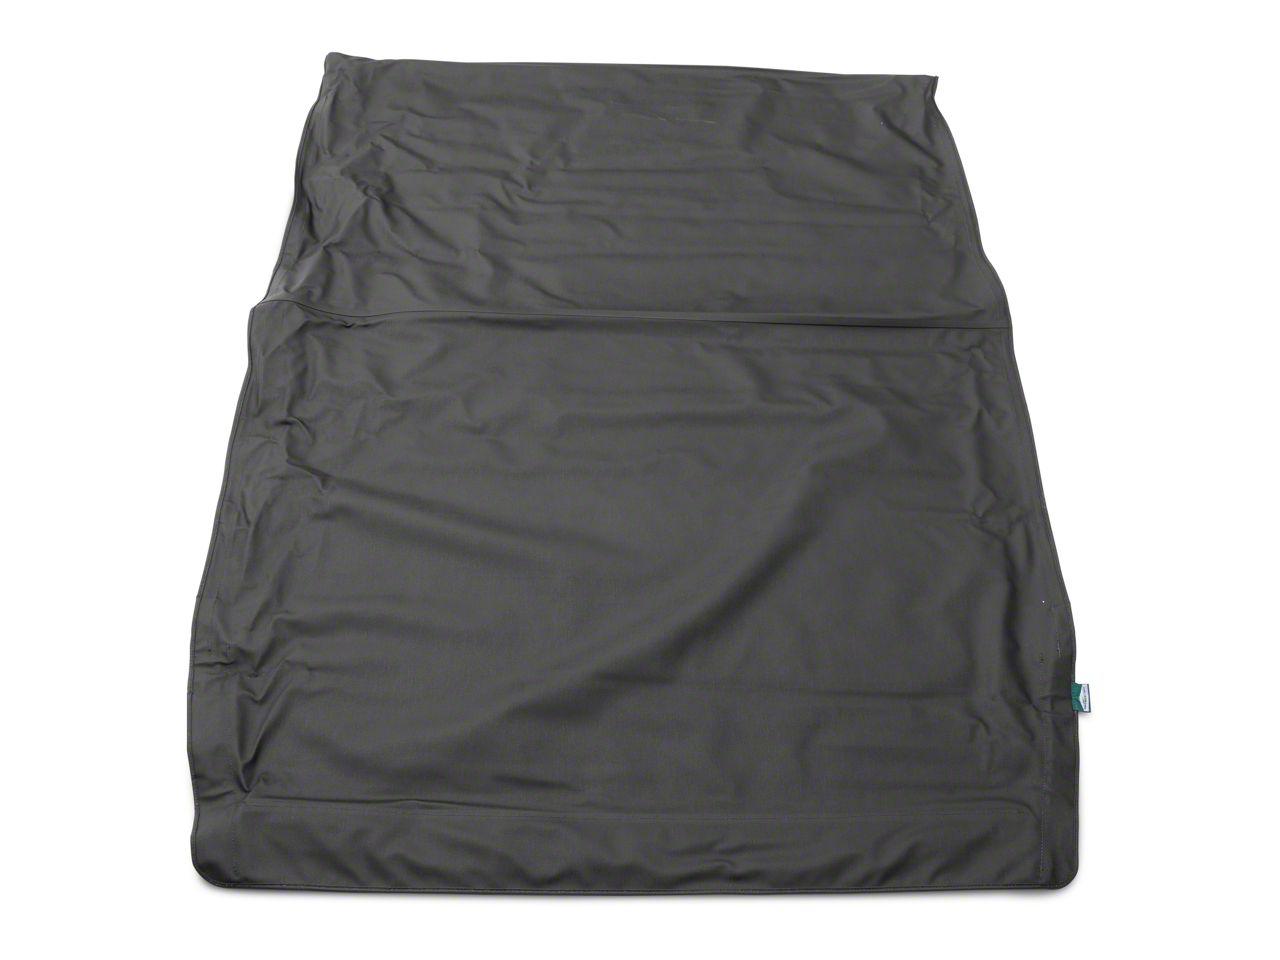 Pavement Ends Sprint Top Frameless Soft Top - Black Diamond (10-18 Jeep Wrangler JK 4 Door)